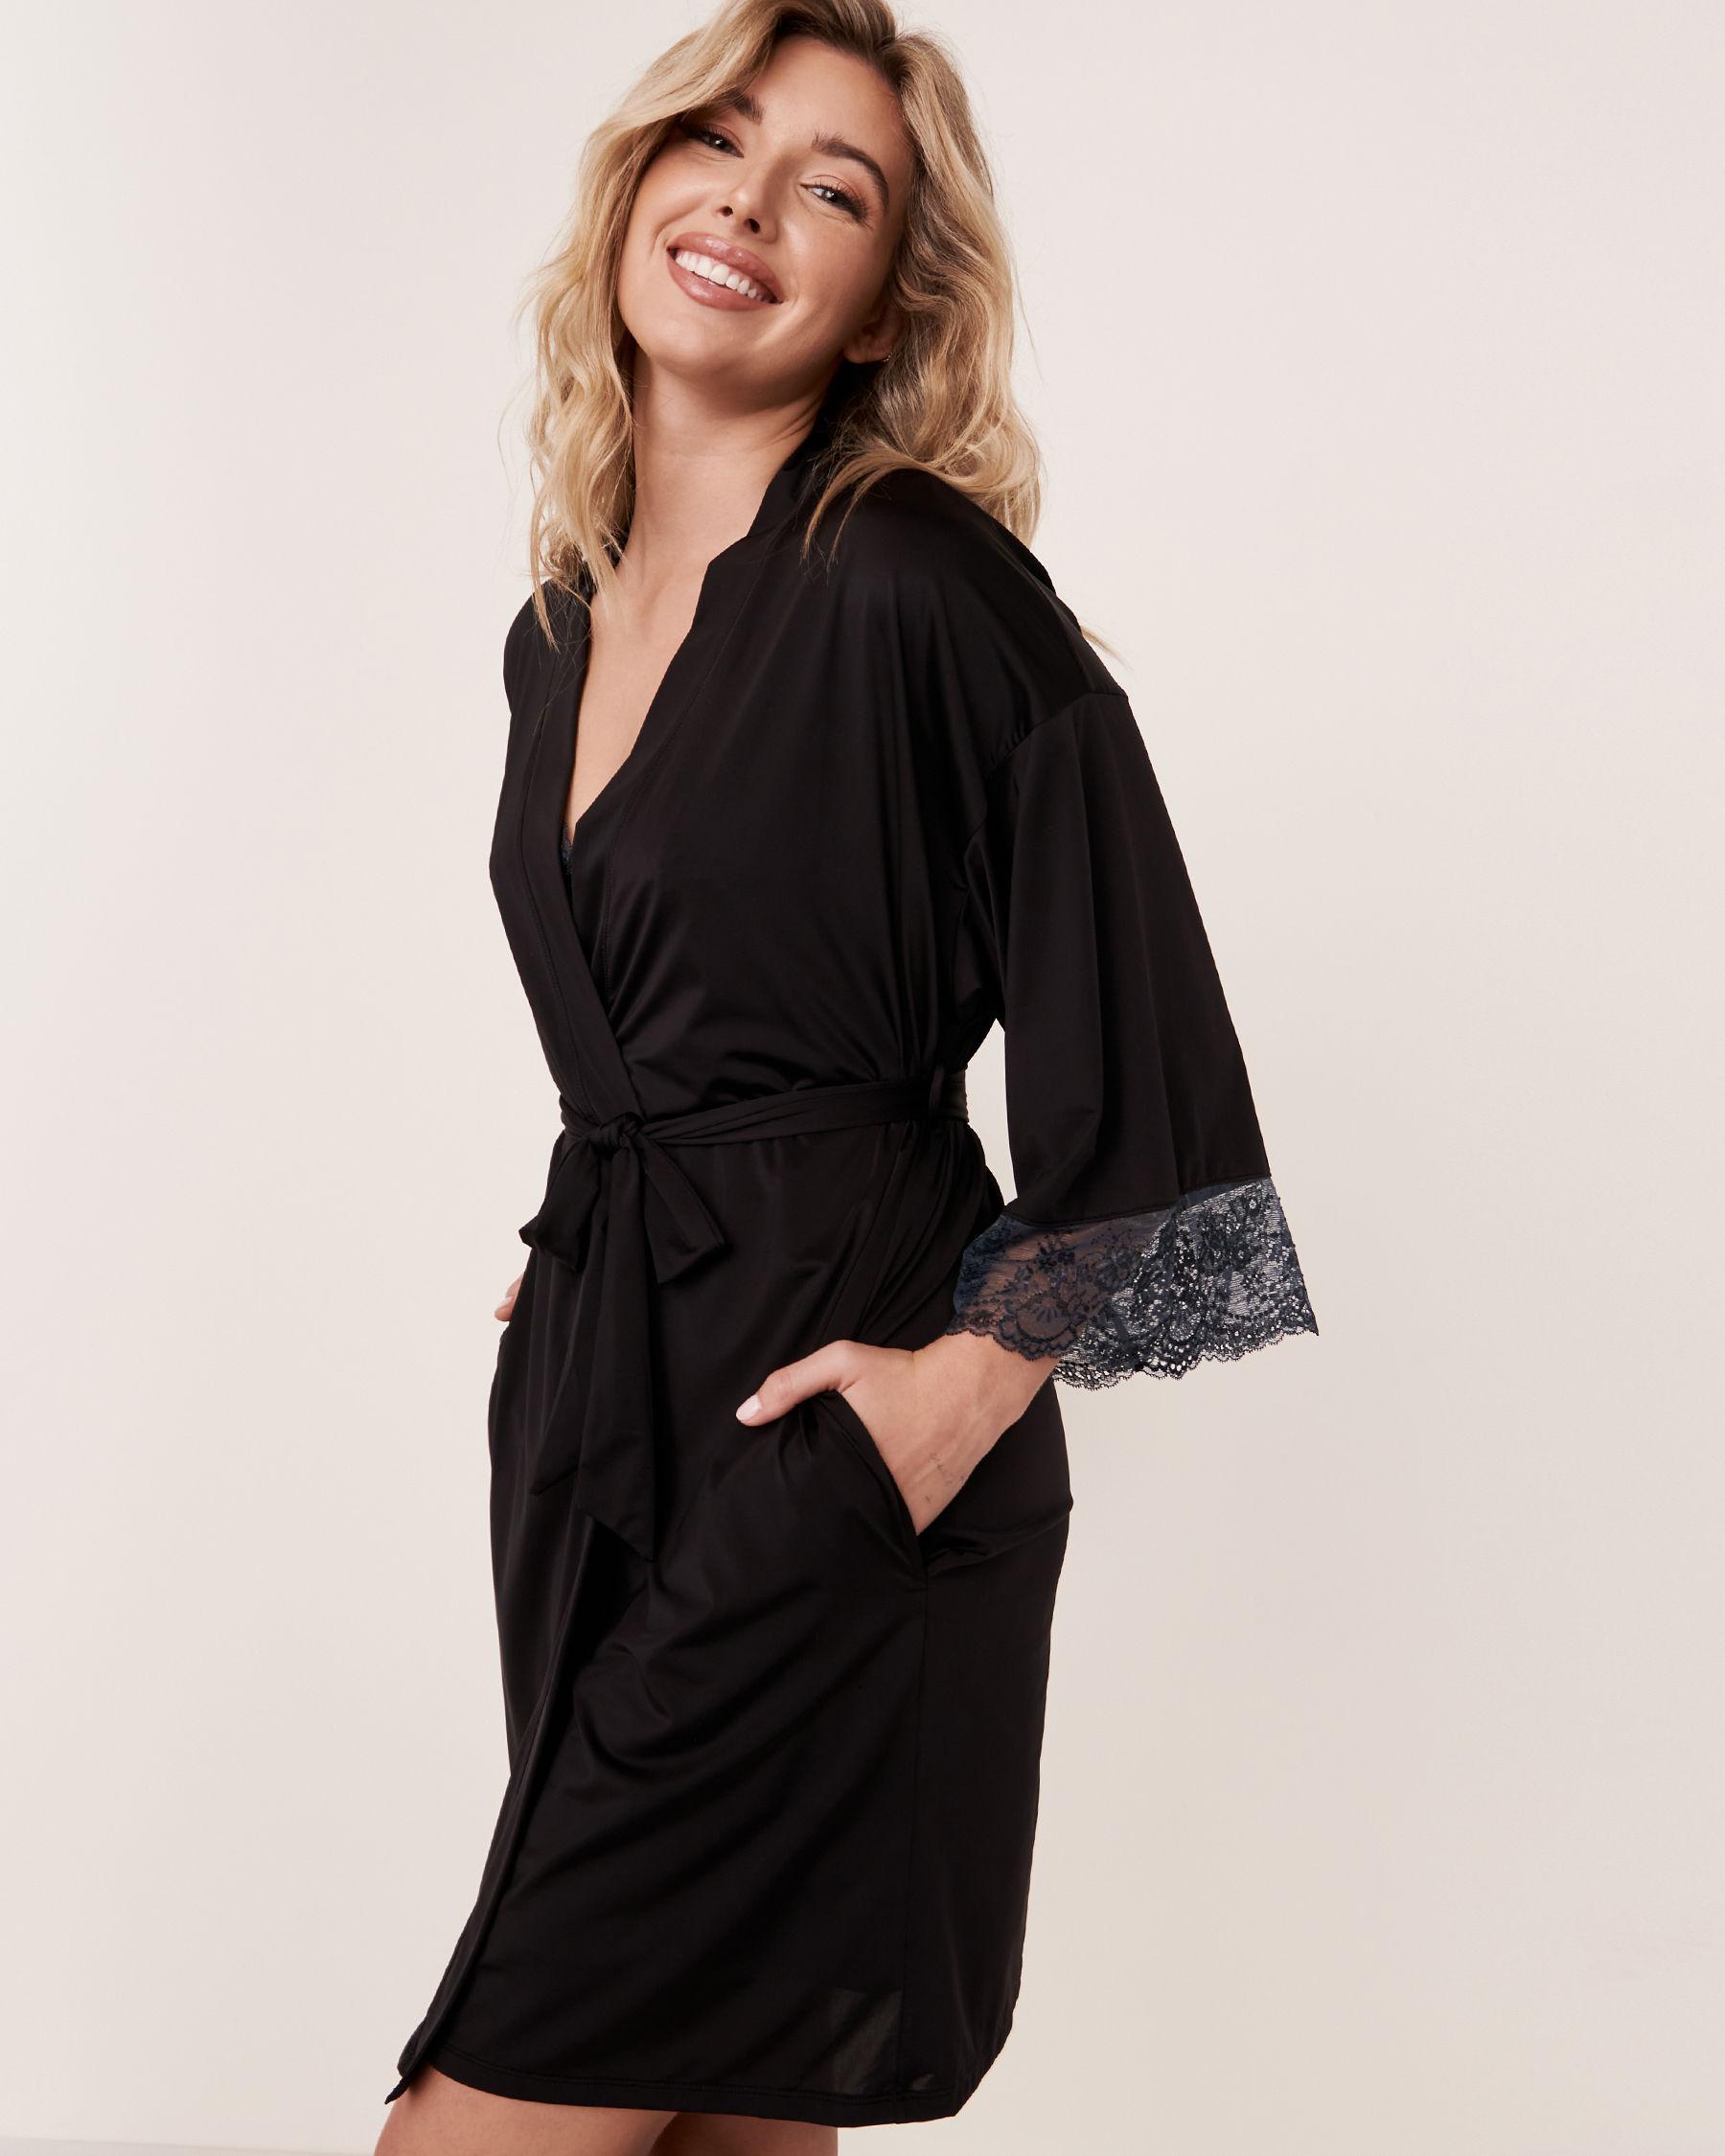 LA VIE EN ROSE Lace Trim Kimono Black 60600005 - View4